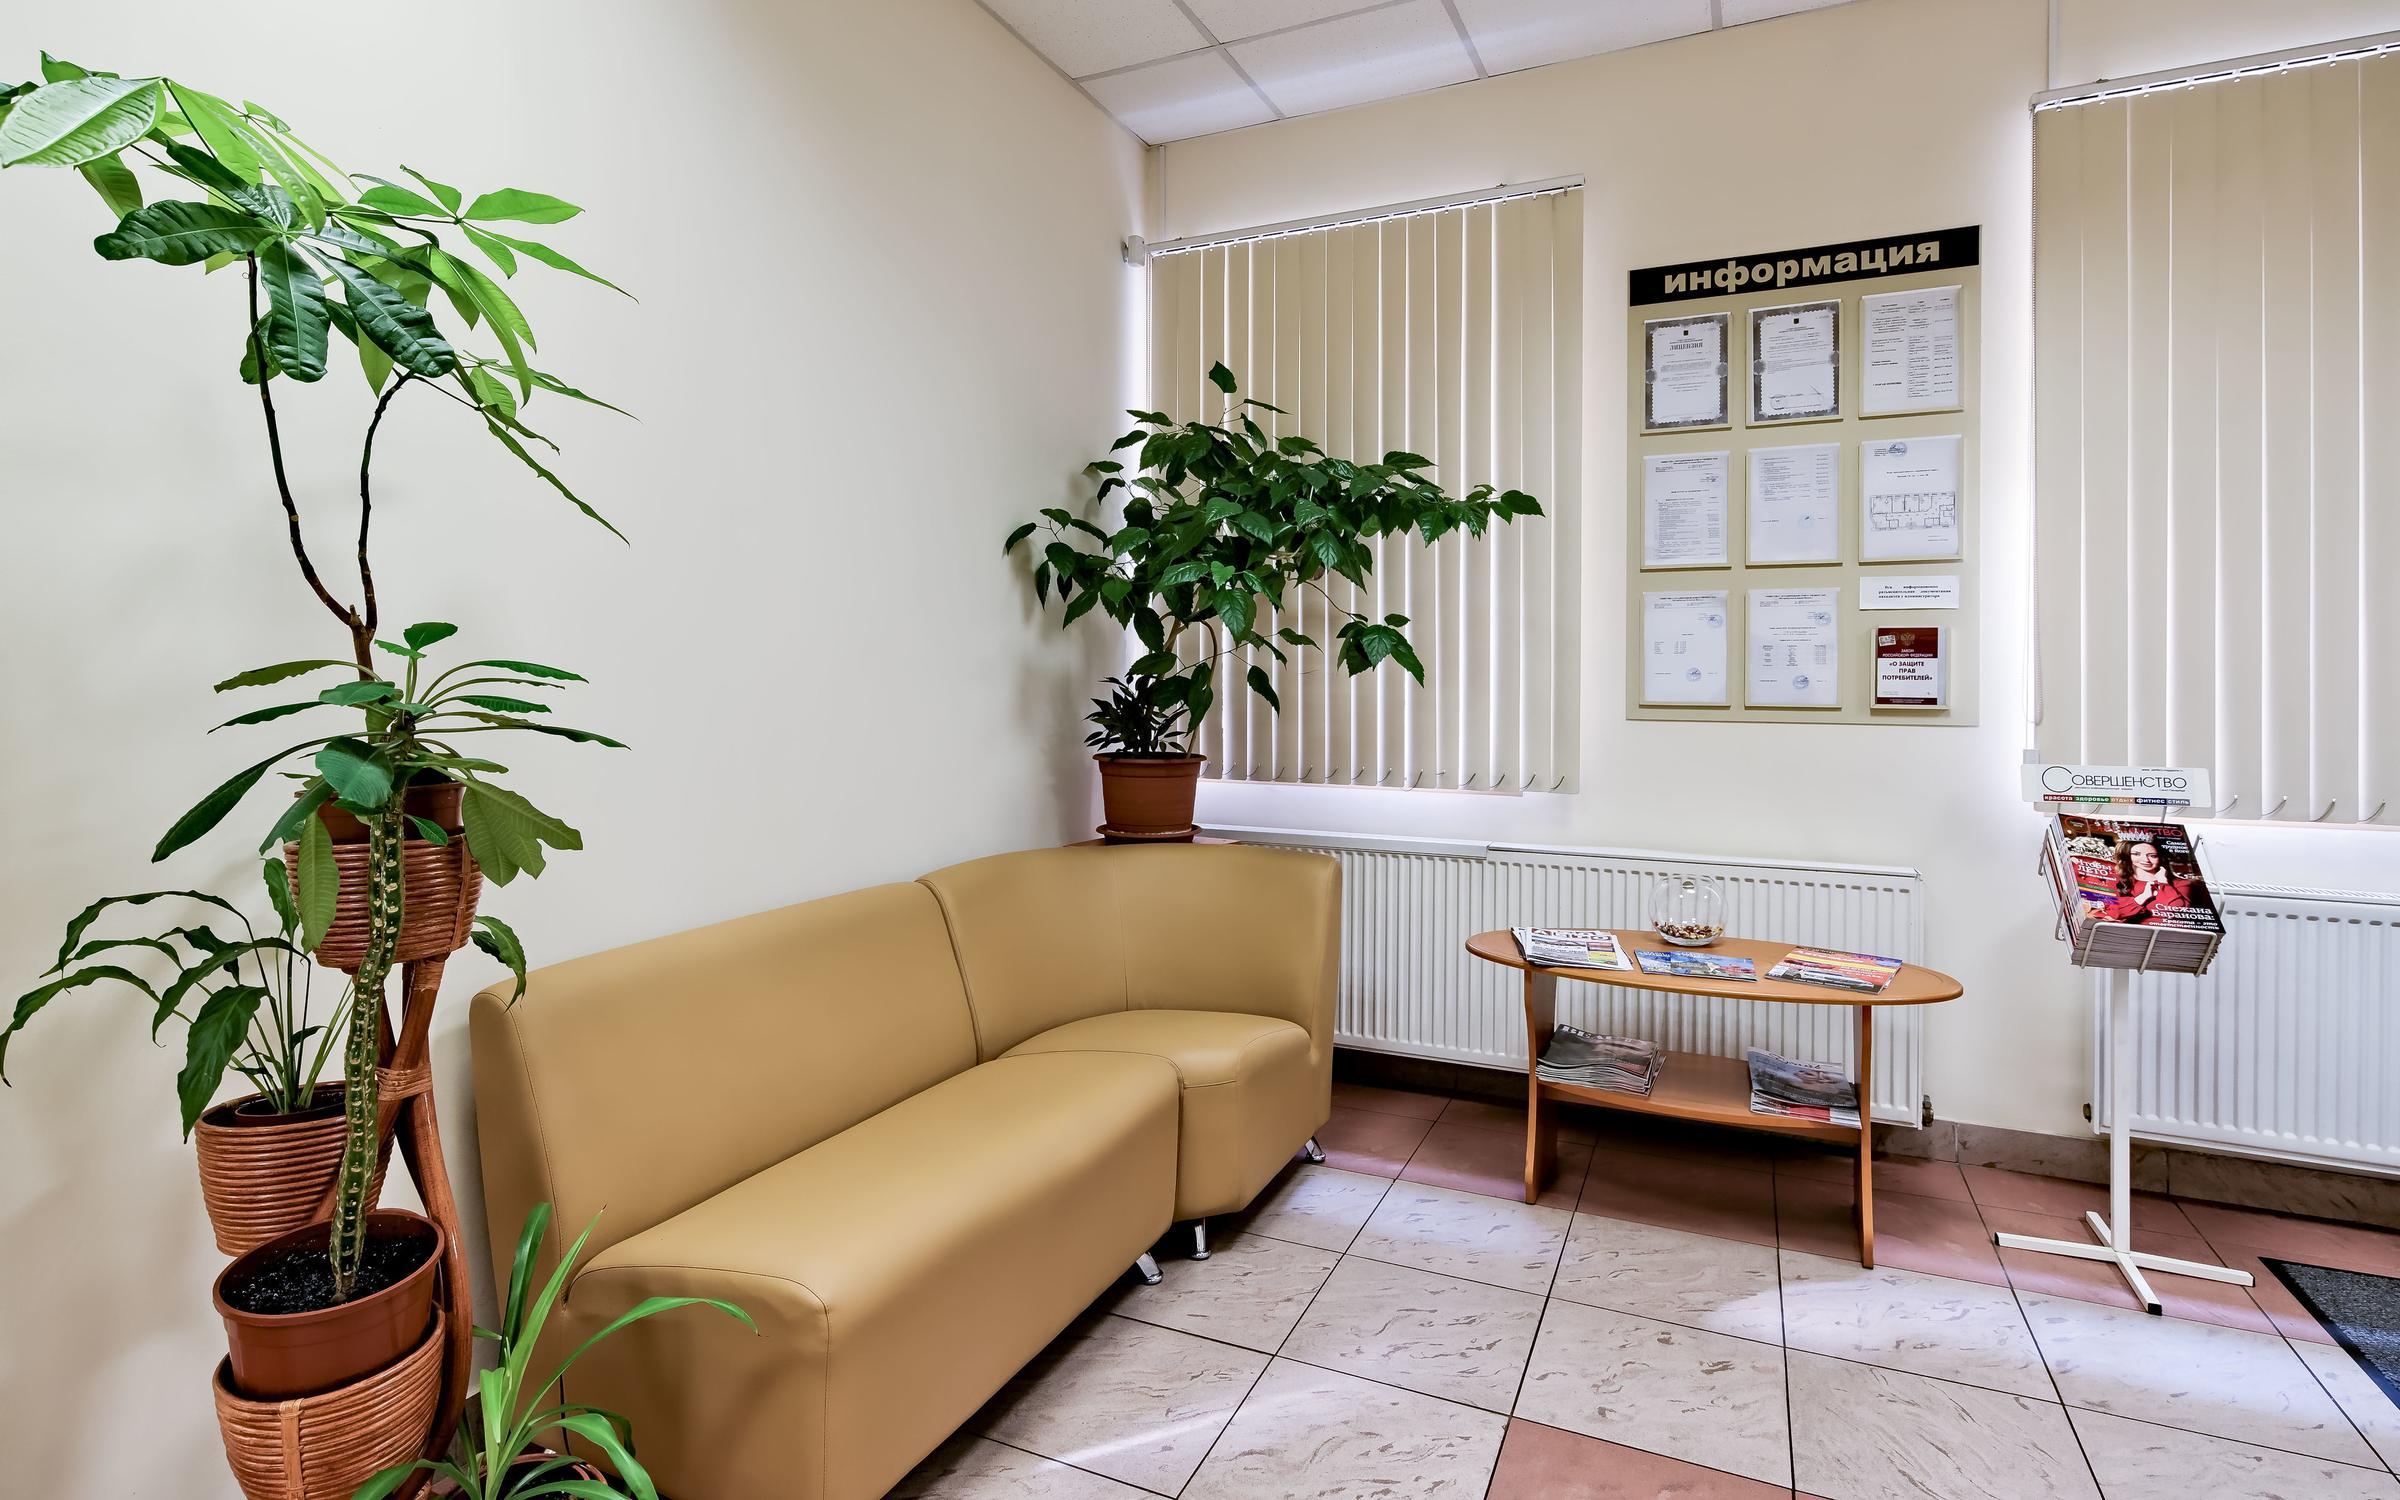 фотография Клиники урологии Виталь на Невском проспекте